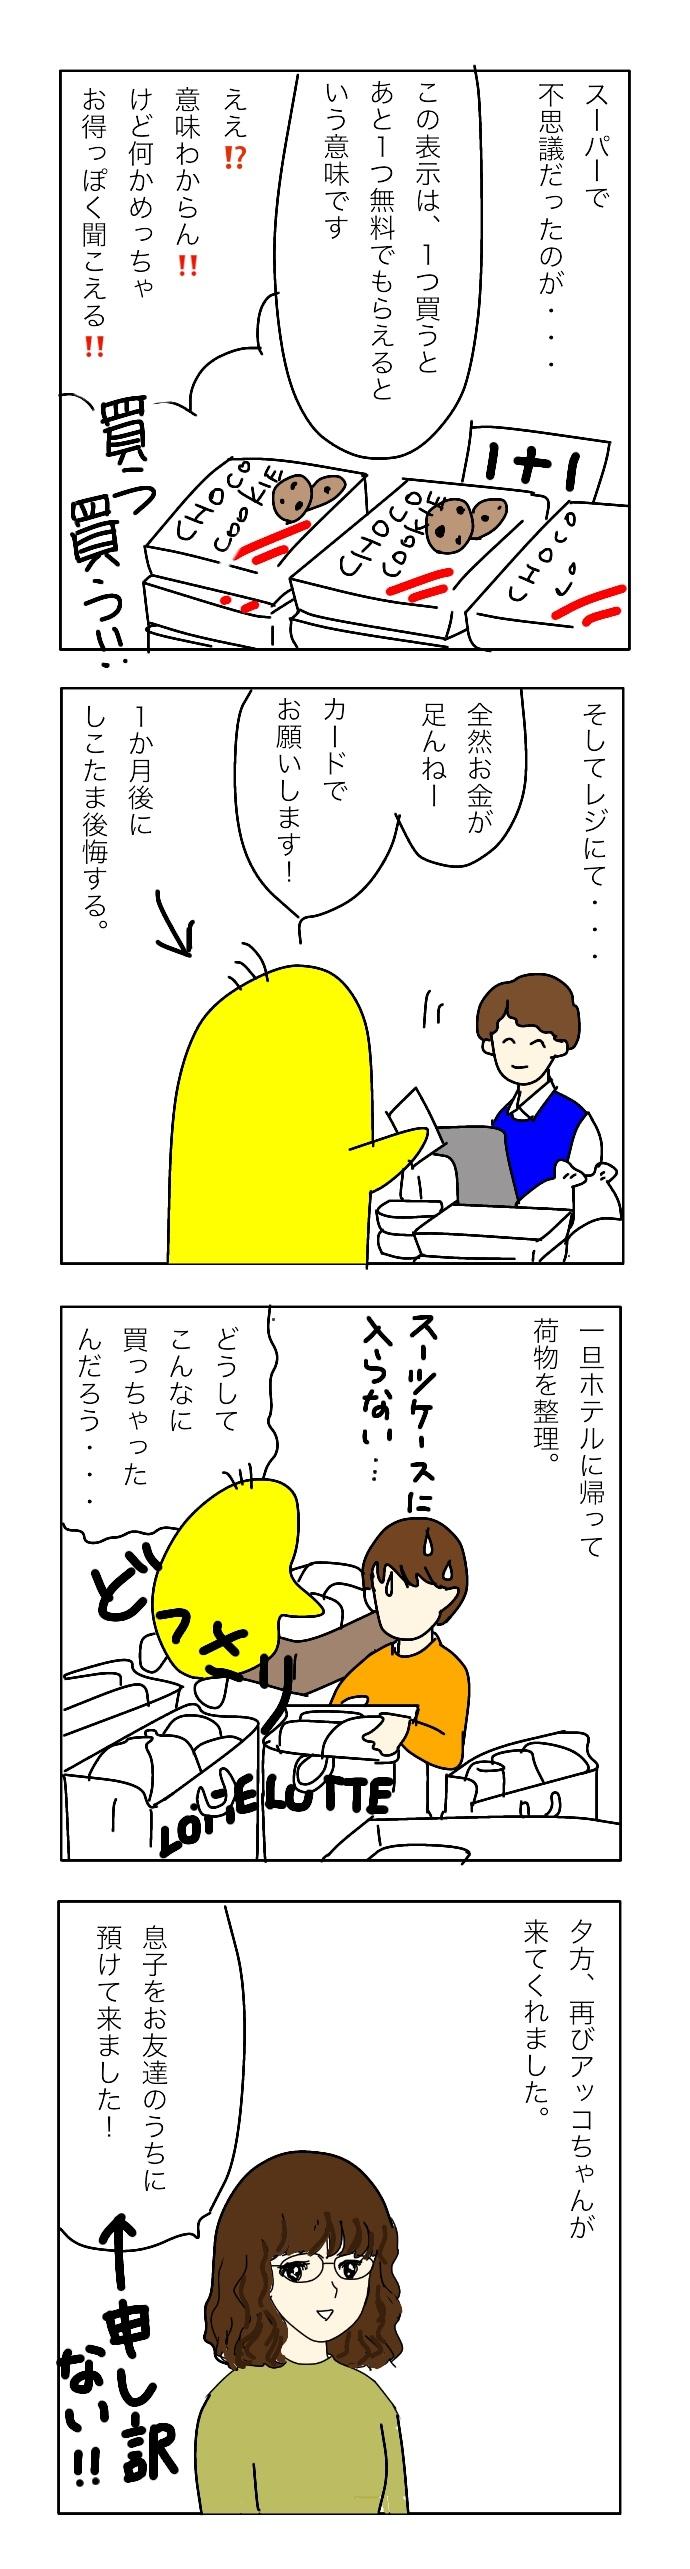 kankoku6 けいふく